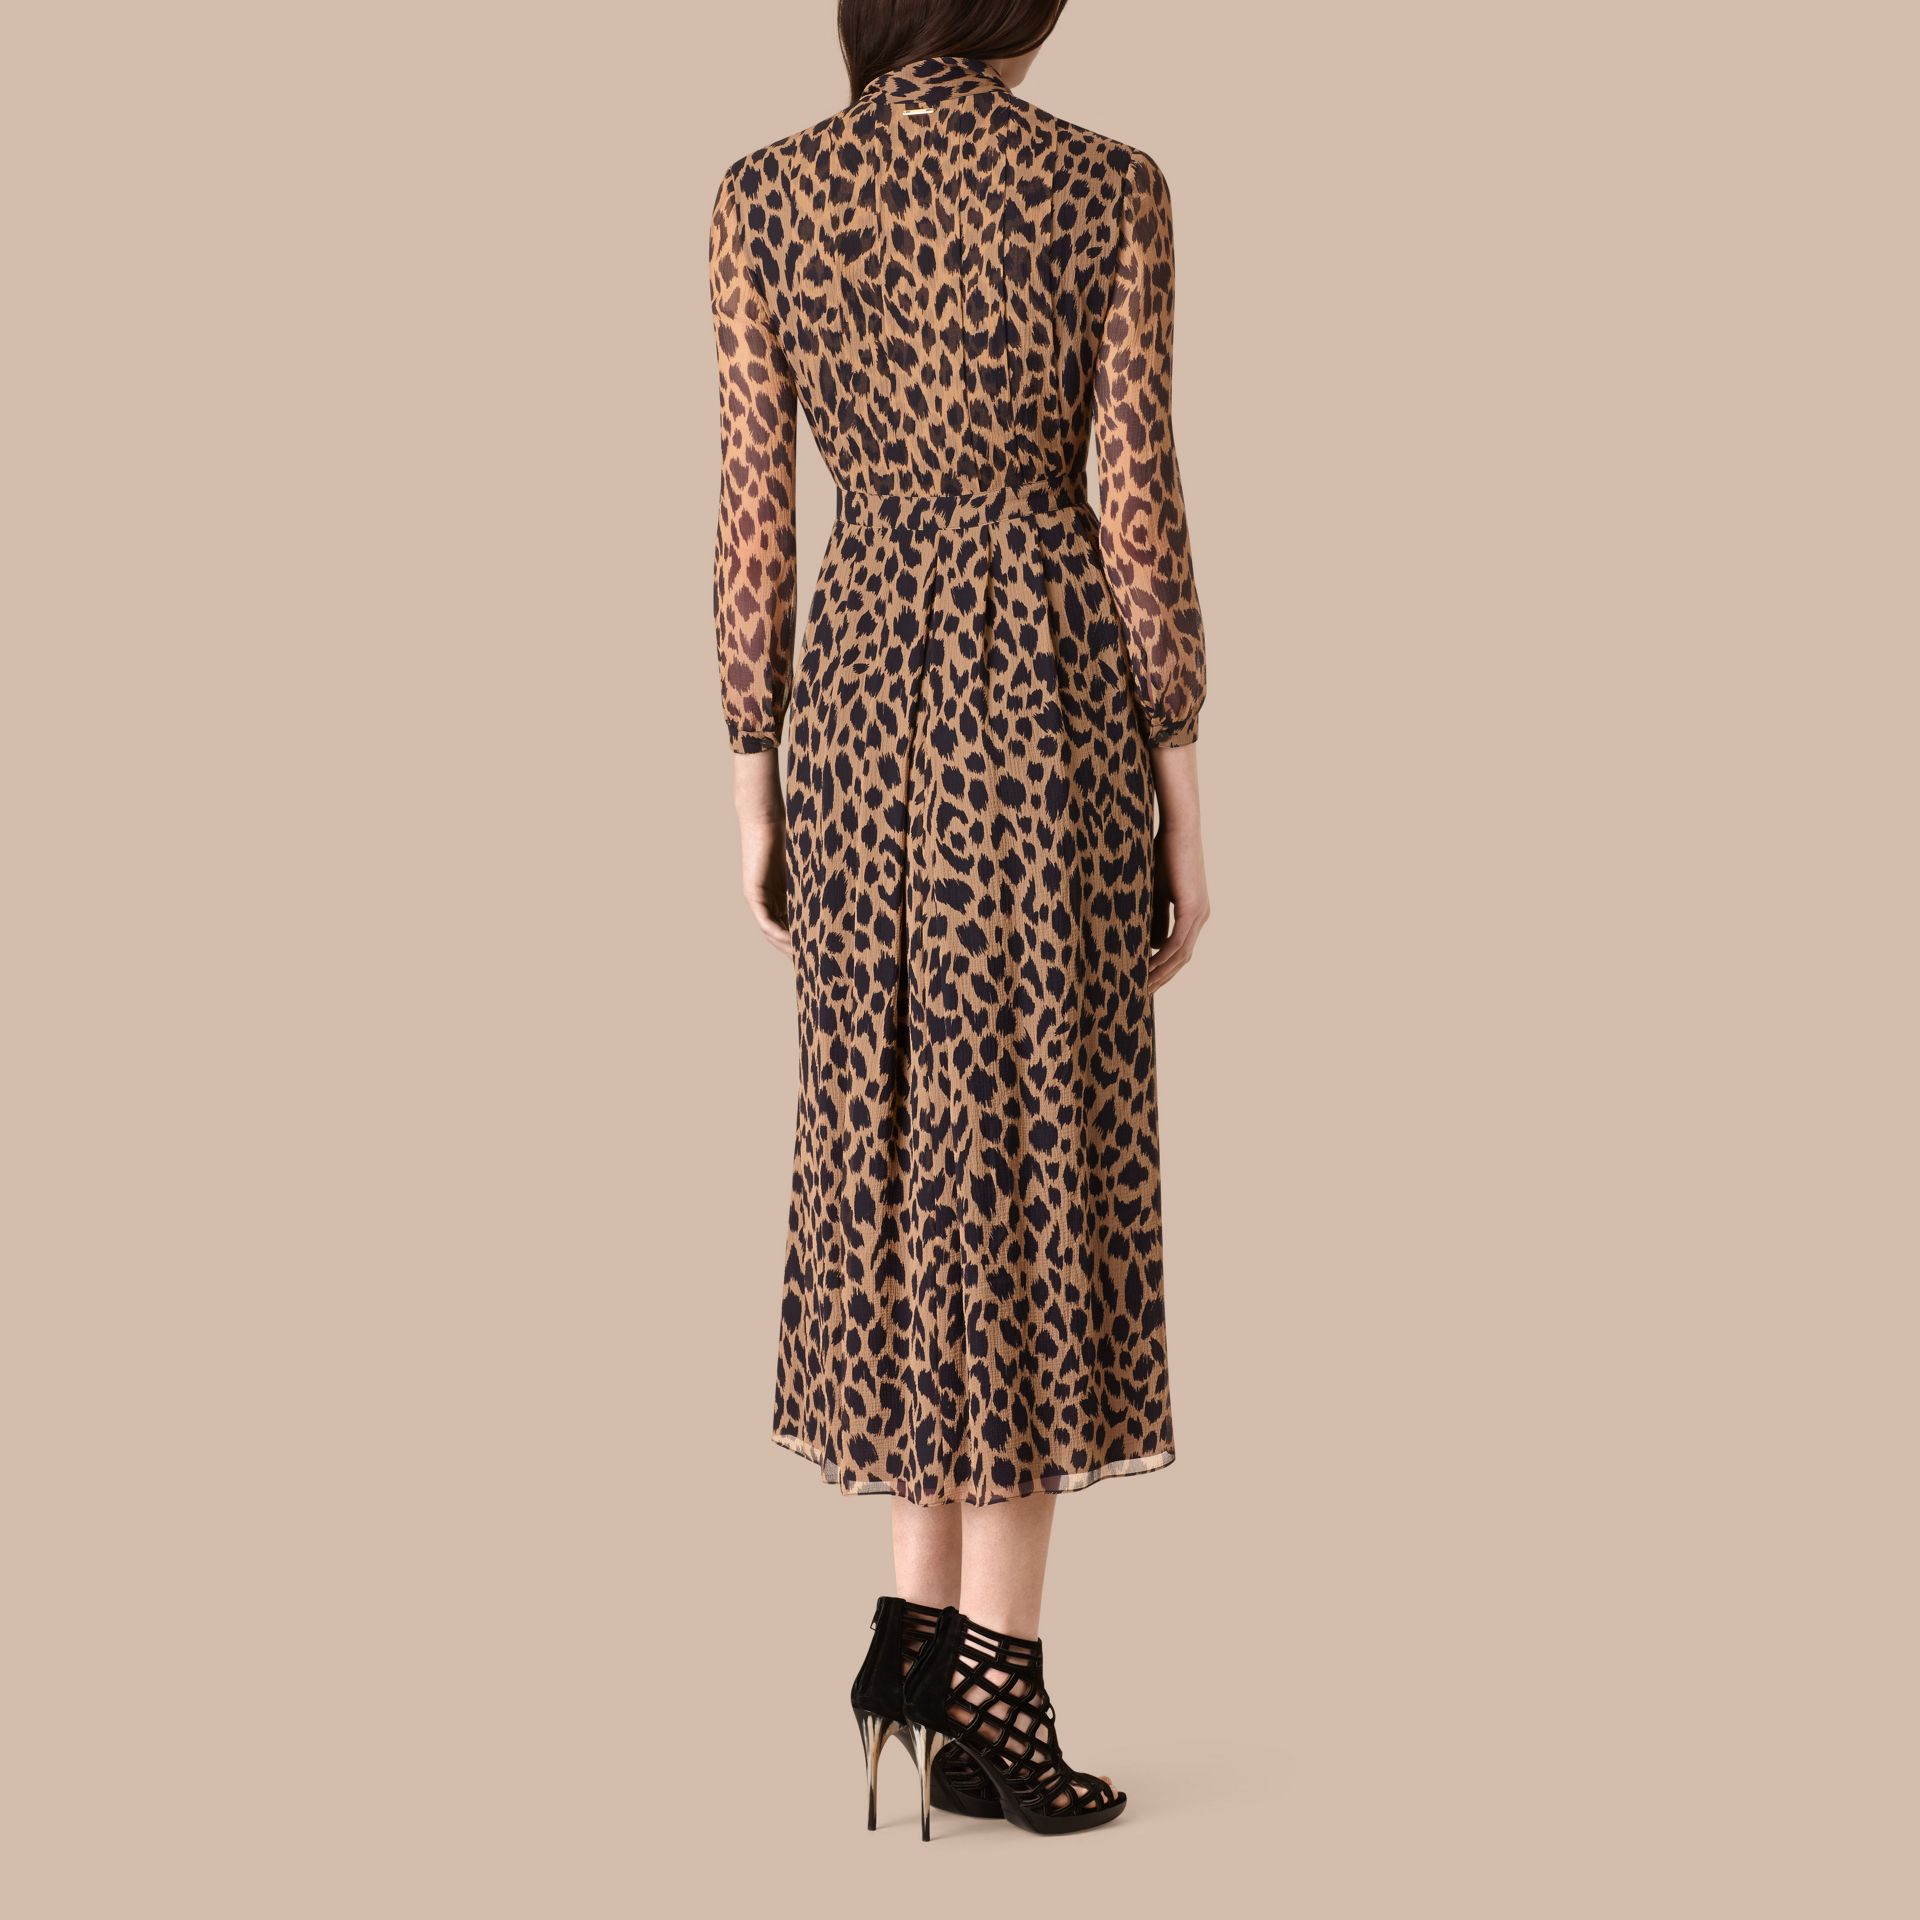 キャメル/ブラック タイディテール・アニマルプリント・シルクドレス - ギャラリーイメージ 3